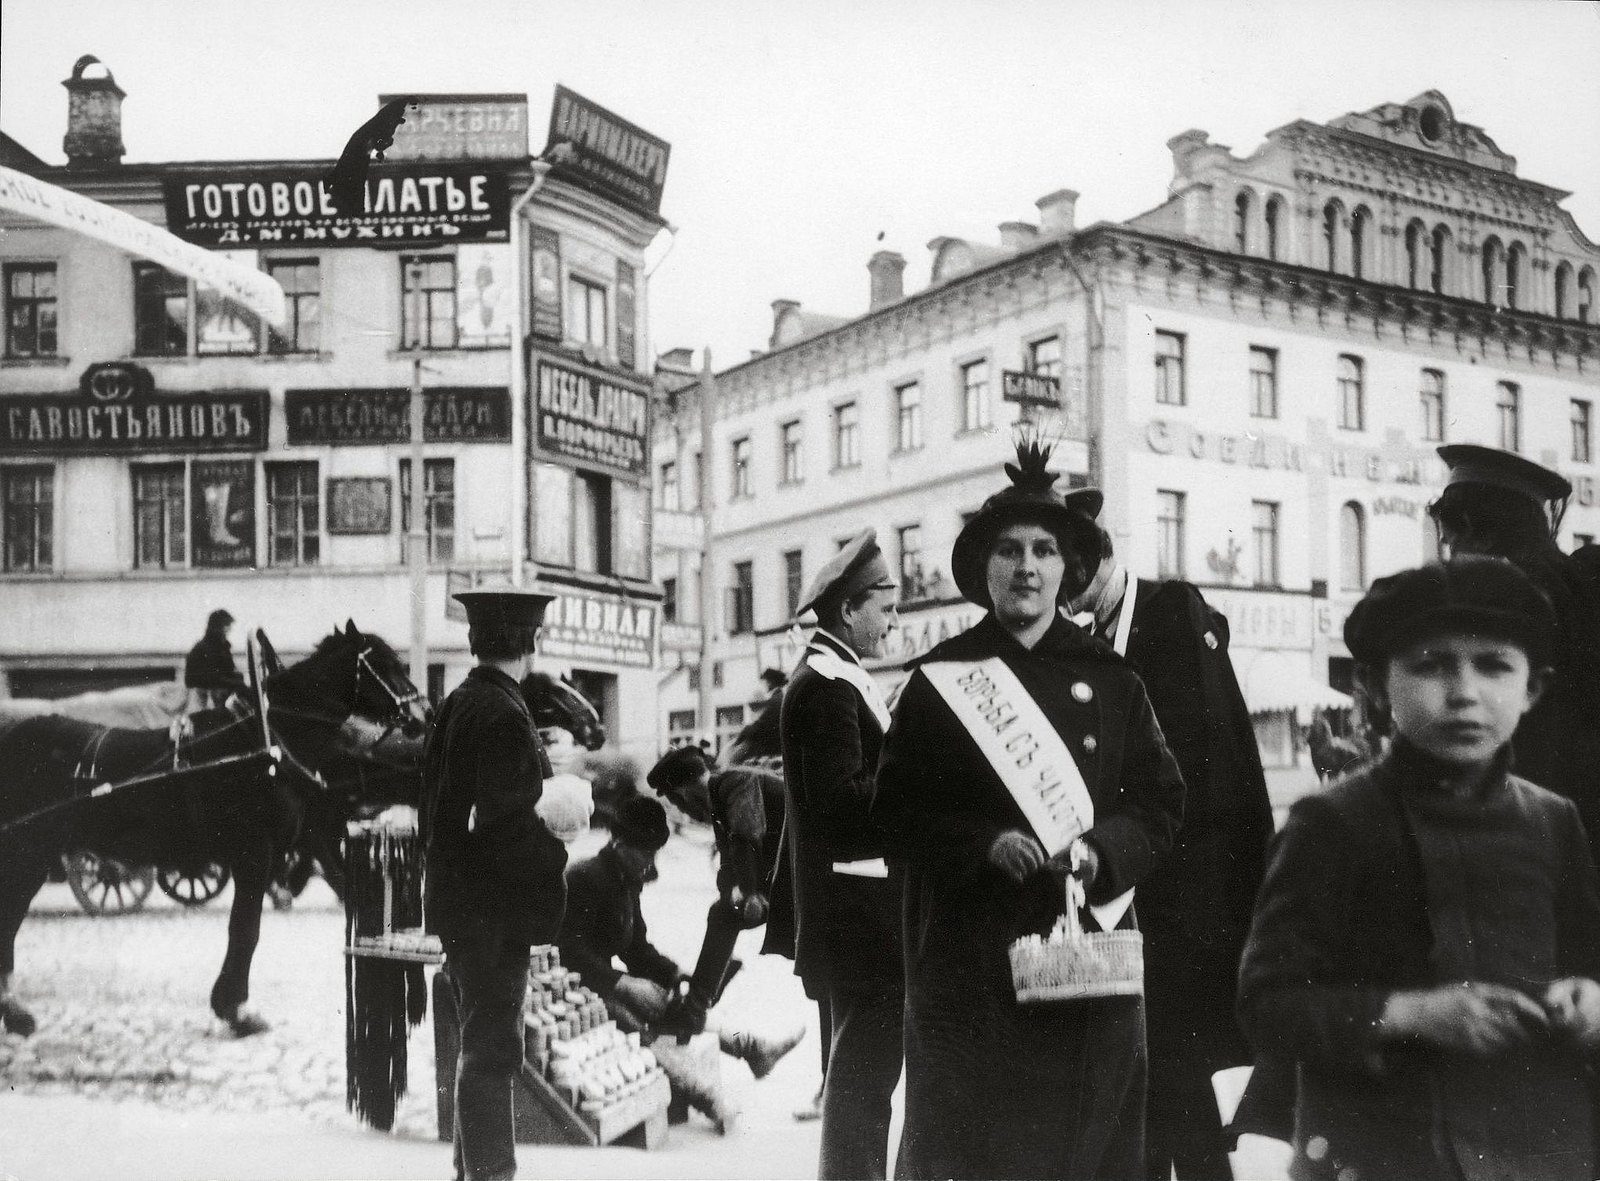 Арбатская площадь. 1914